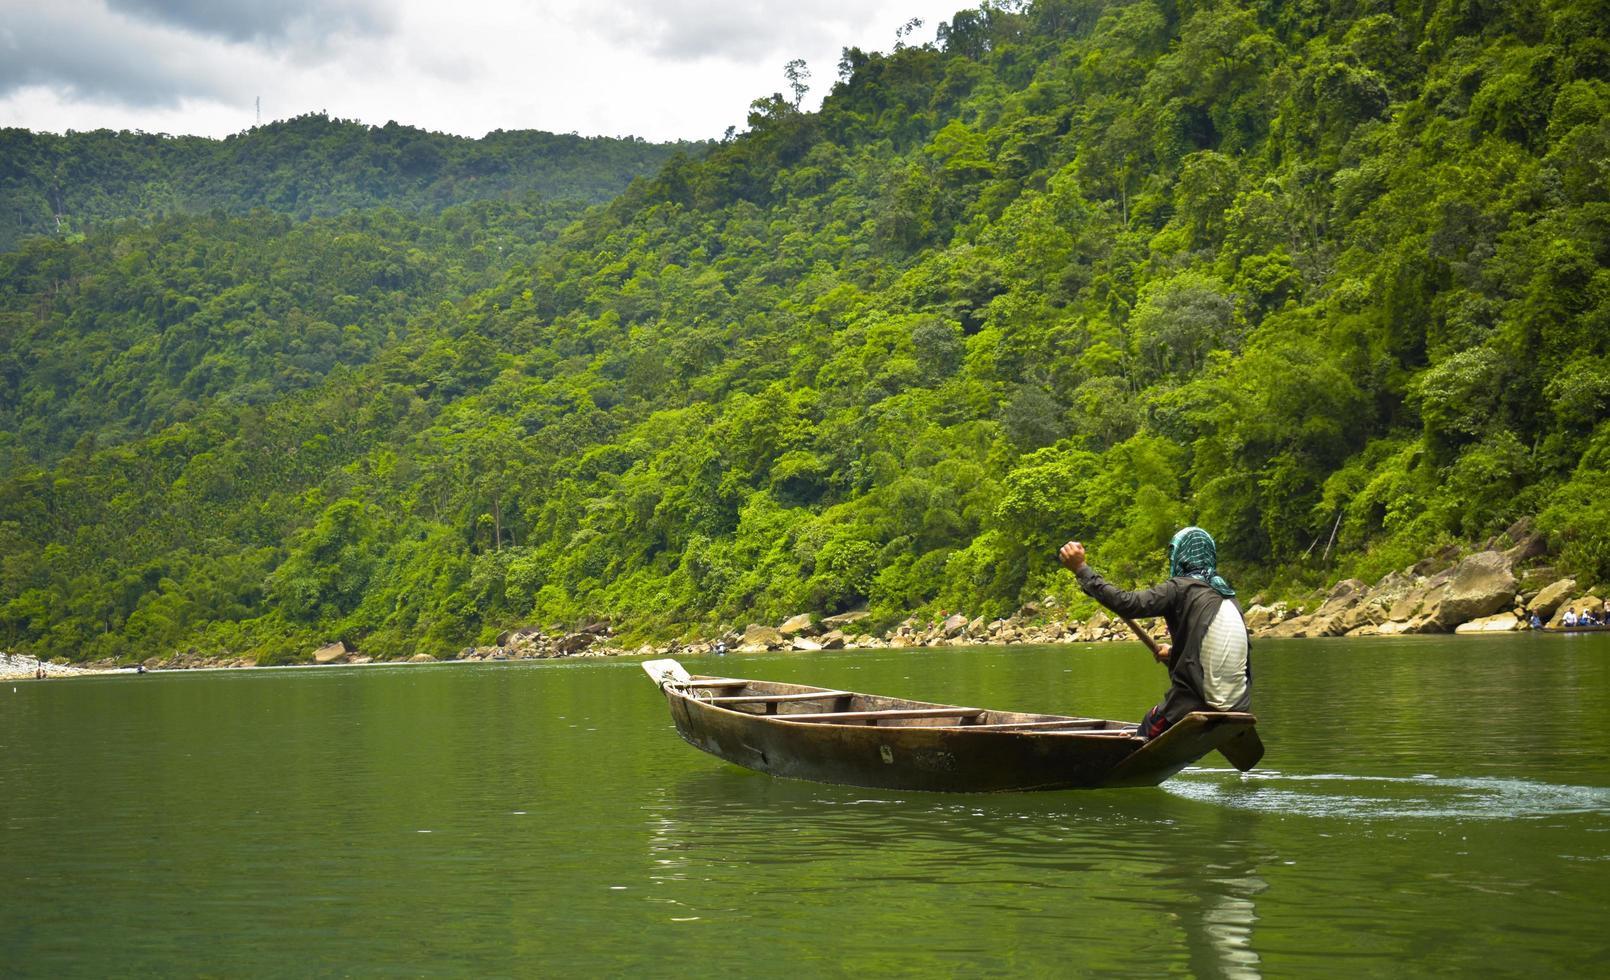 Männer rudern tagsüber ein Boot in der Nähe von Green Hill foto